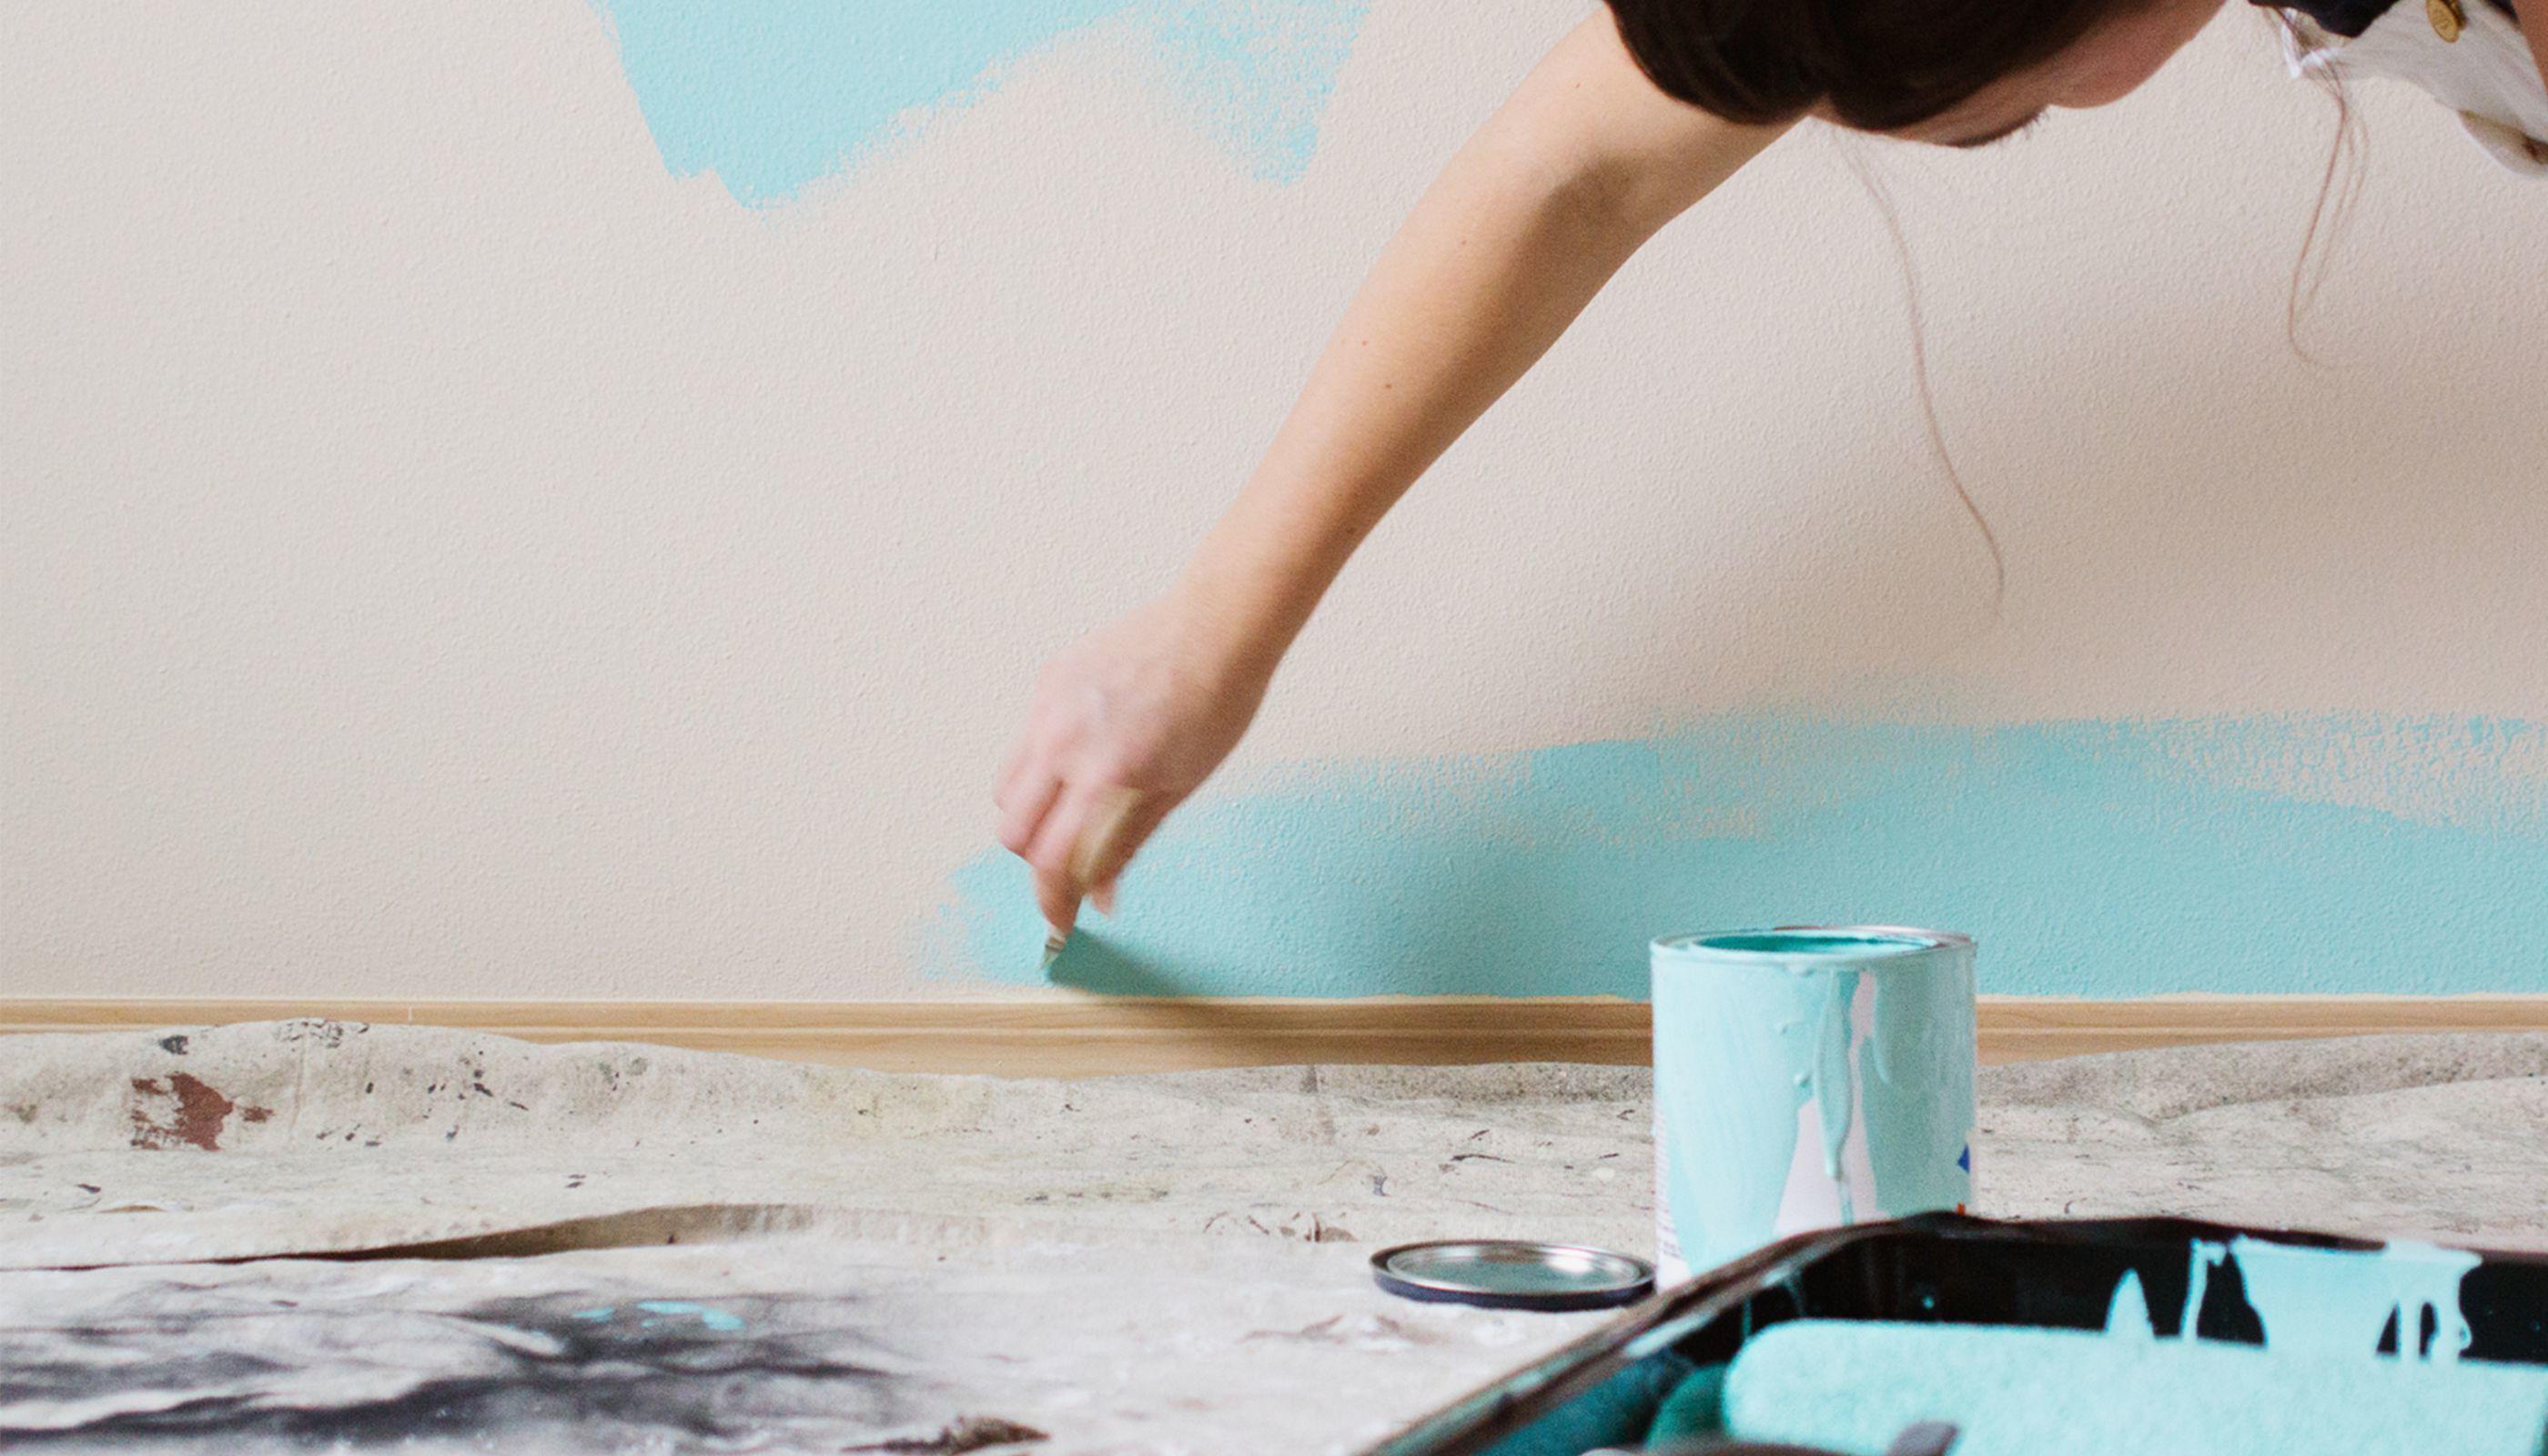 กรณีศึกษาผลิตภัณฑ์สีต้านจุลชีพ: Davis Frost Paints